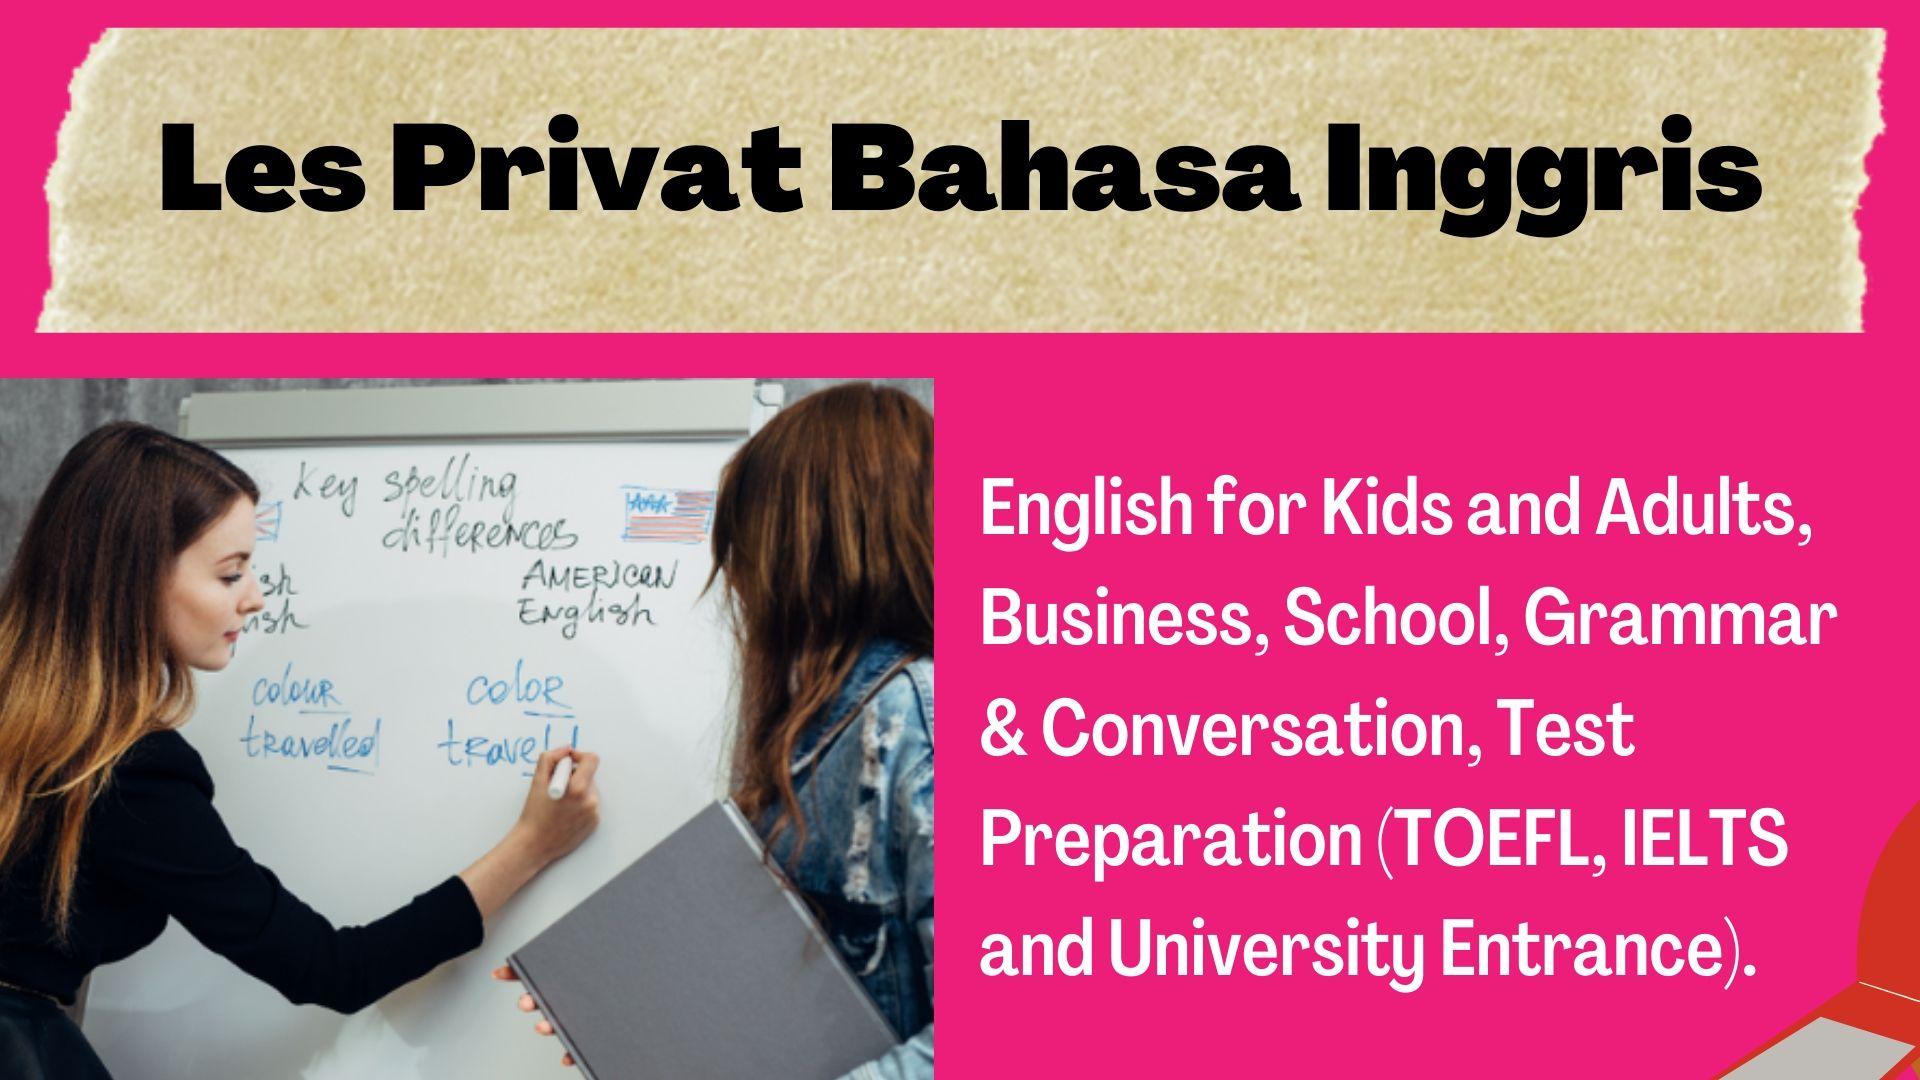 Les privat bahasa inggris grammar dan conversation di Tangerang